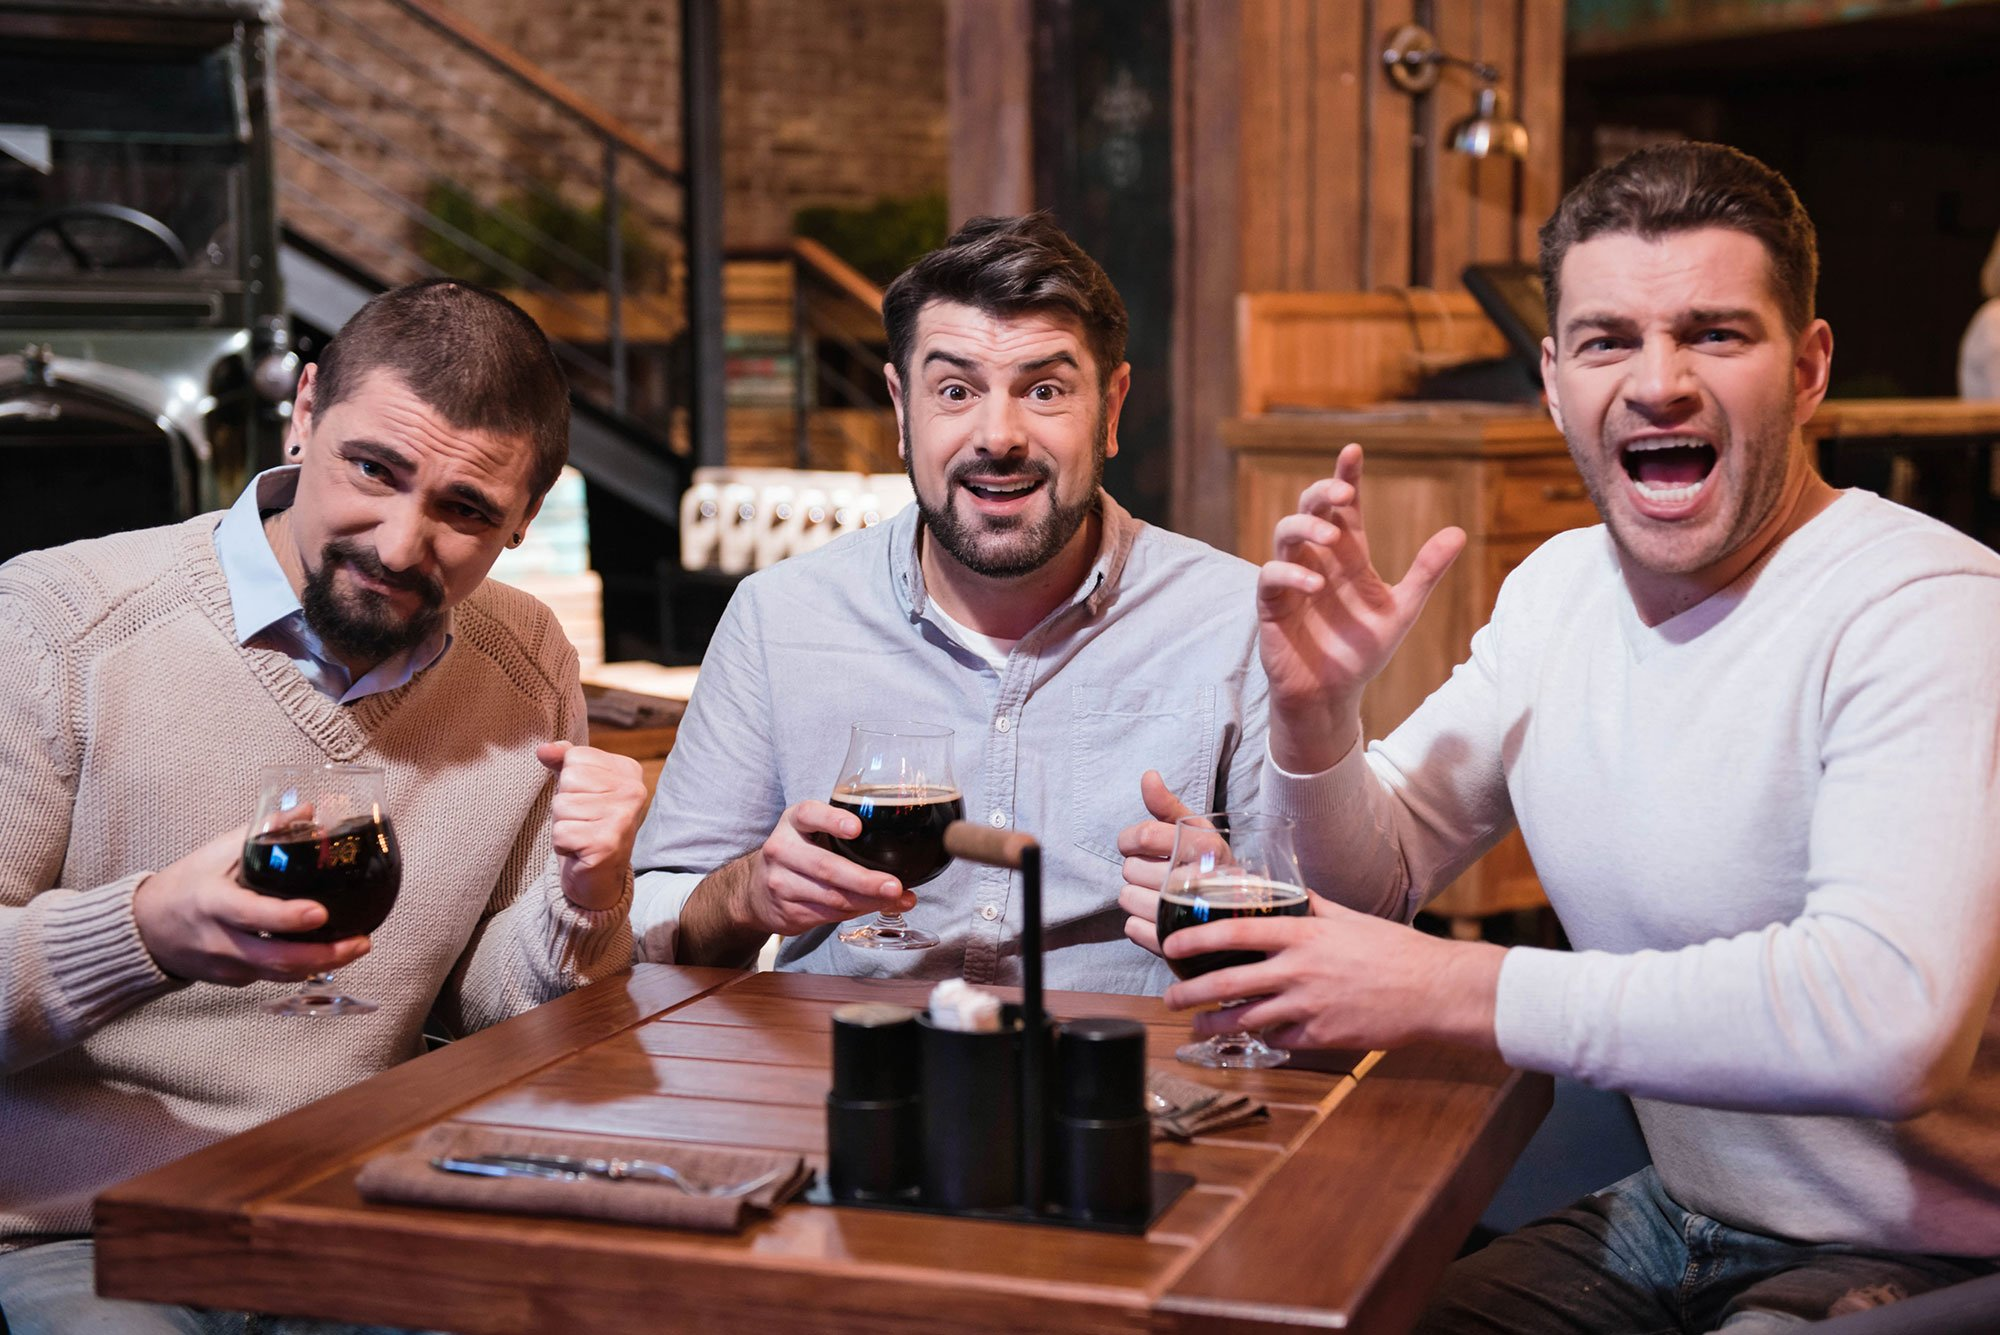 Men playing trivia game